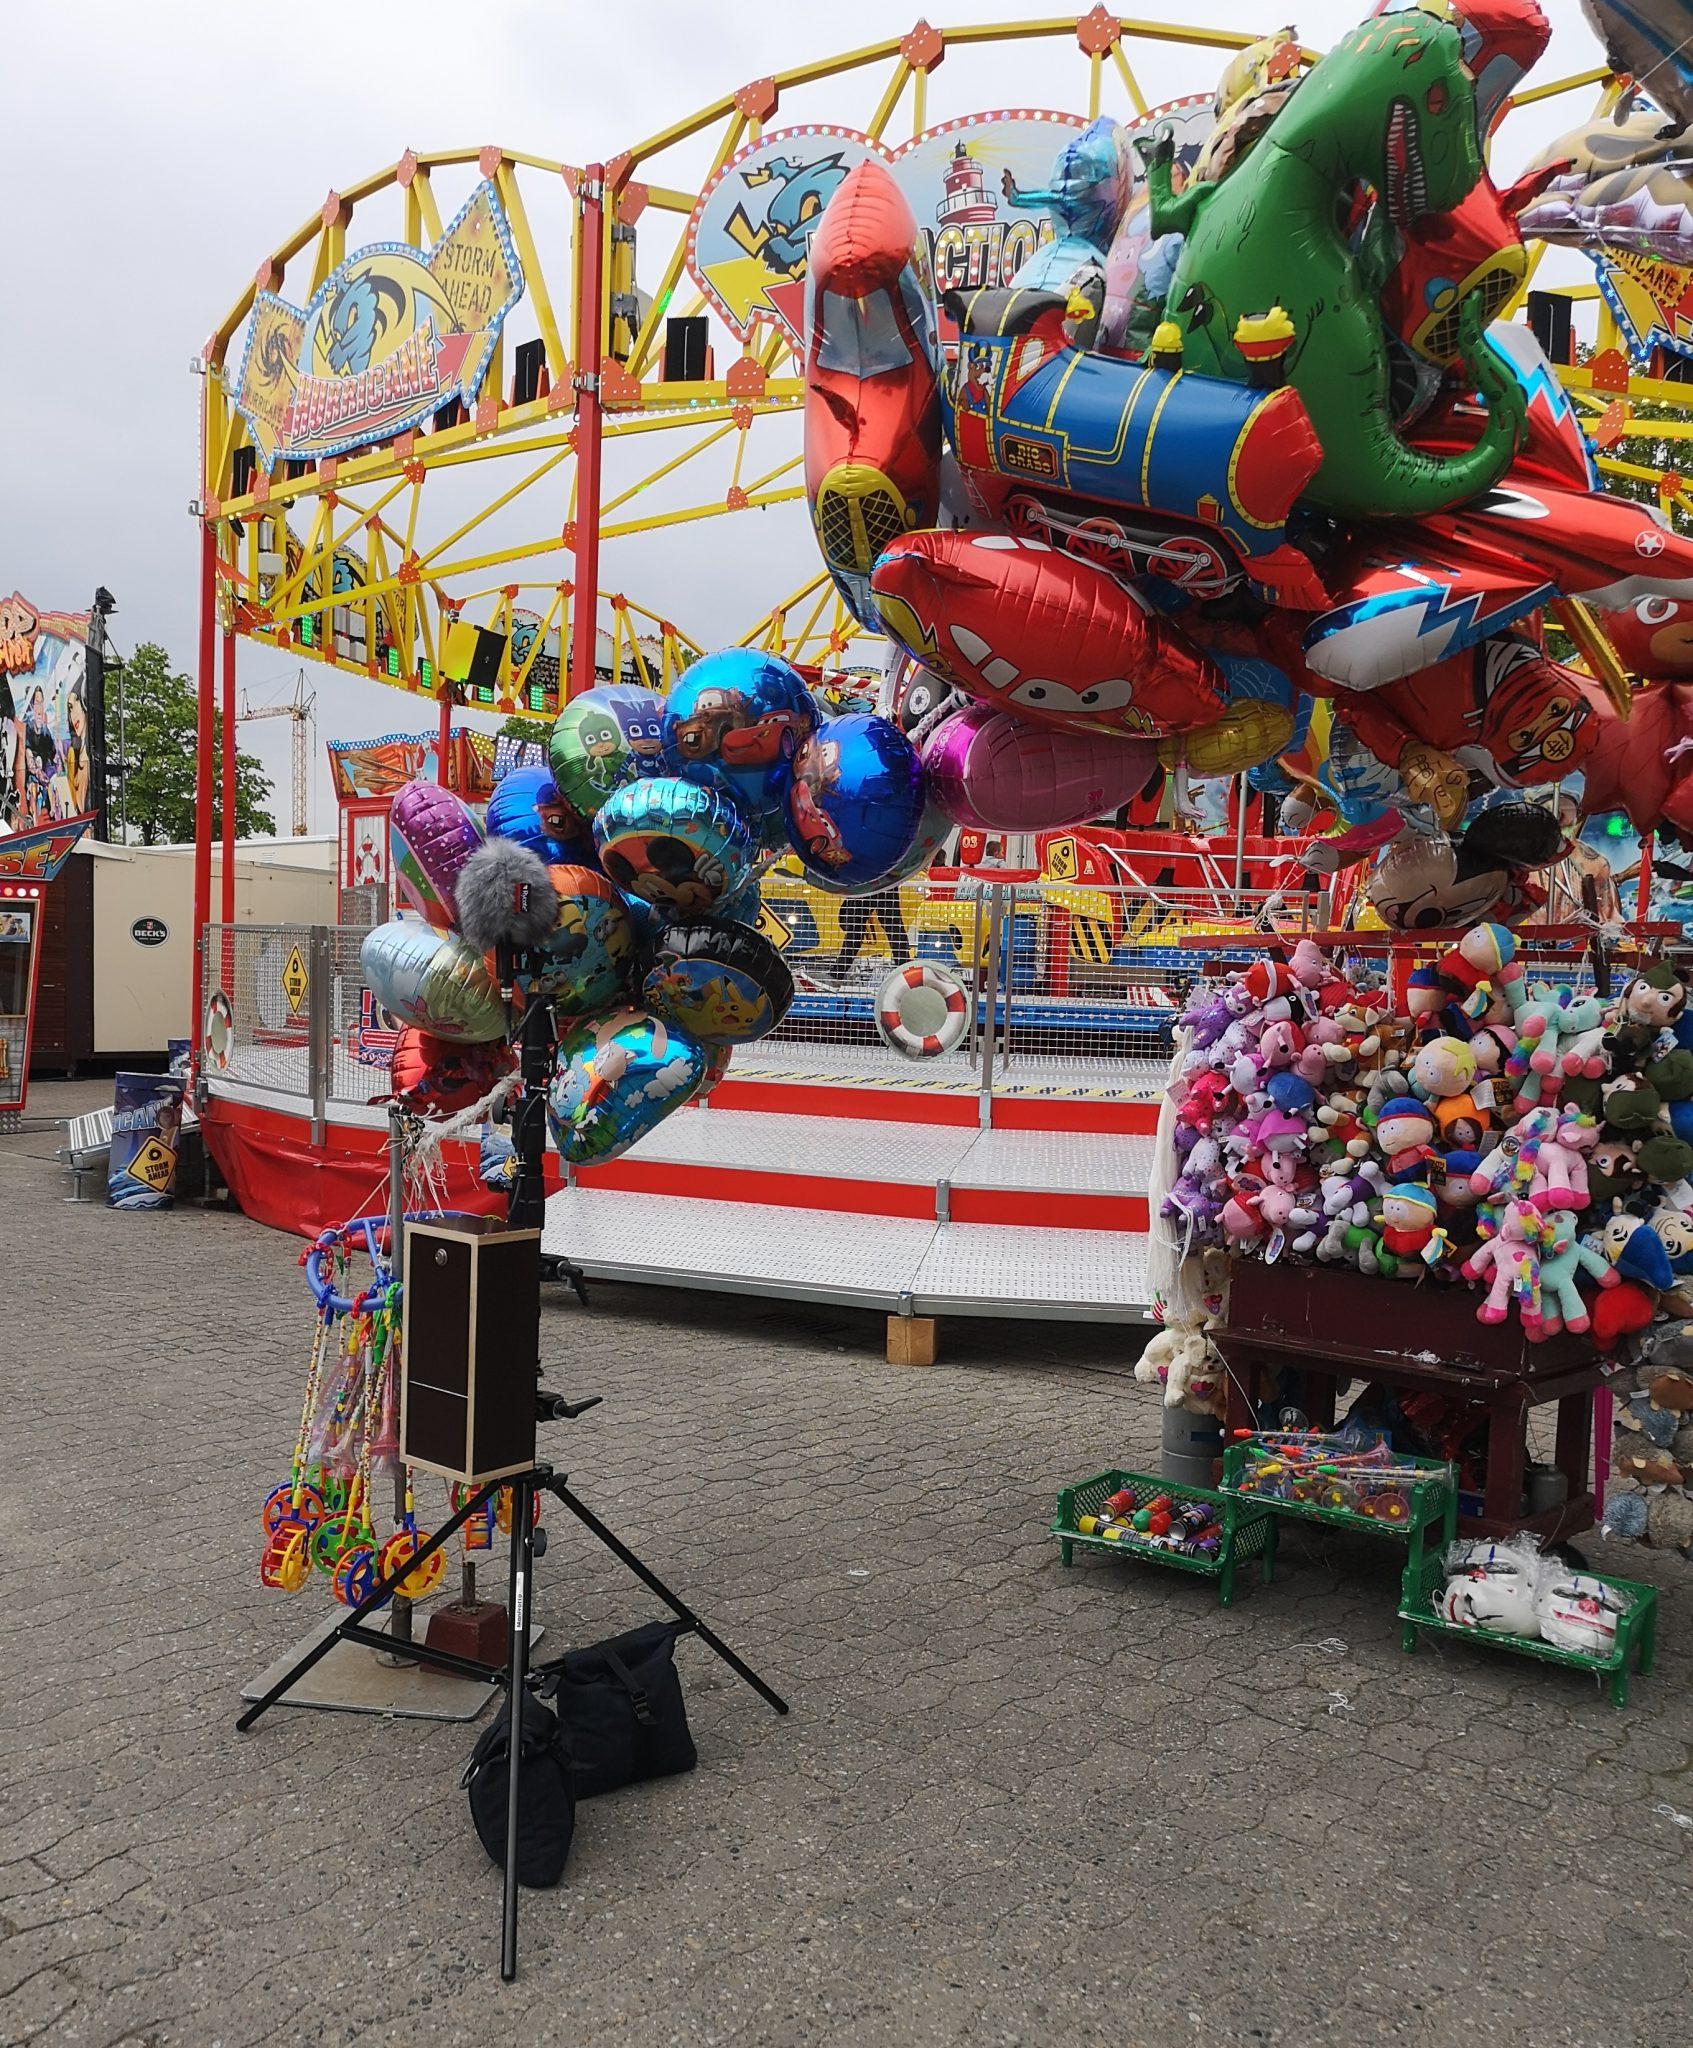 Die Aufnahmestation steht vor einem Stand an dem Luftballons verkauft werdenauf dem Delmenhorster Kramermarkt.